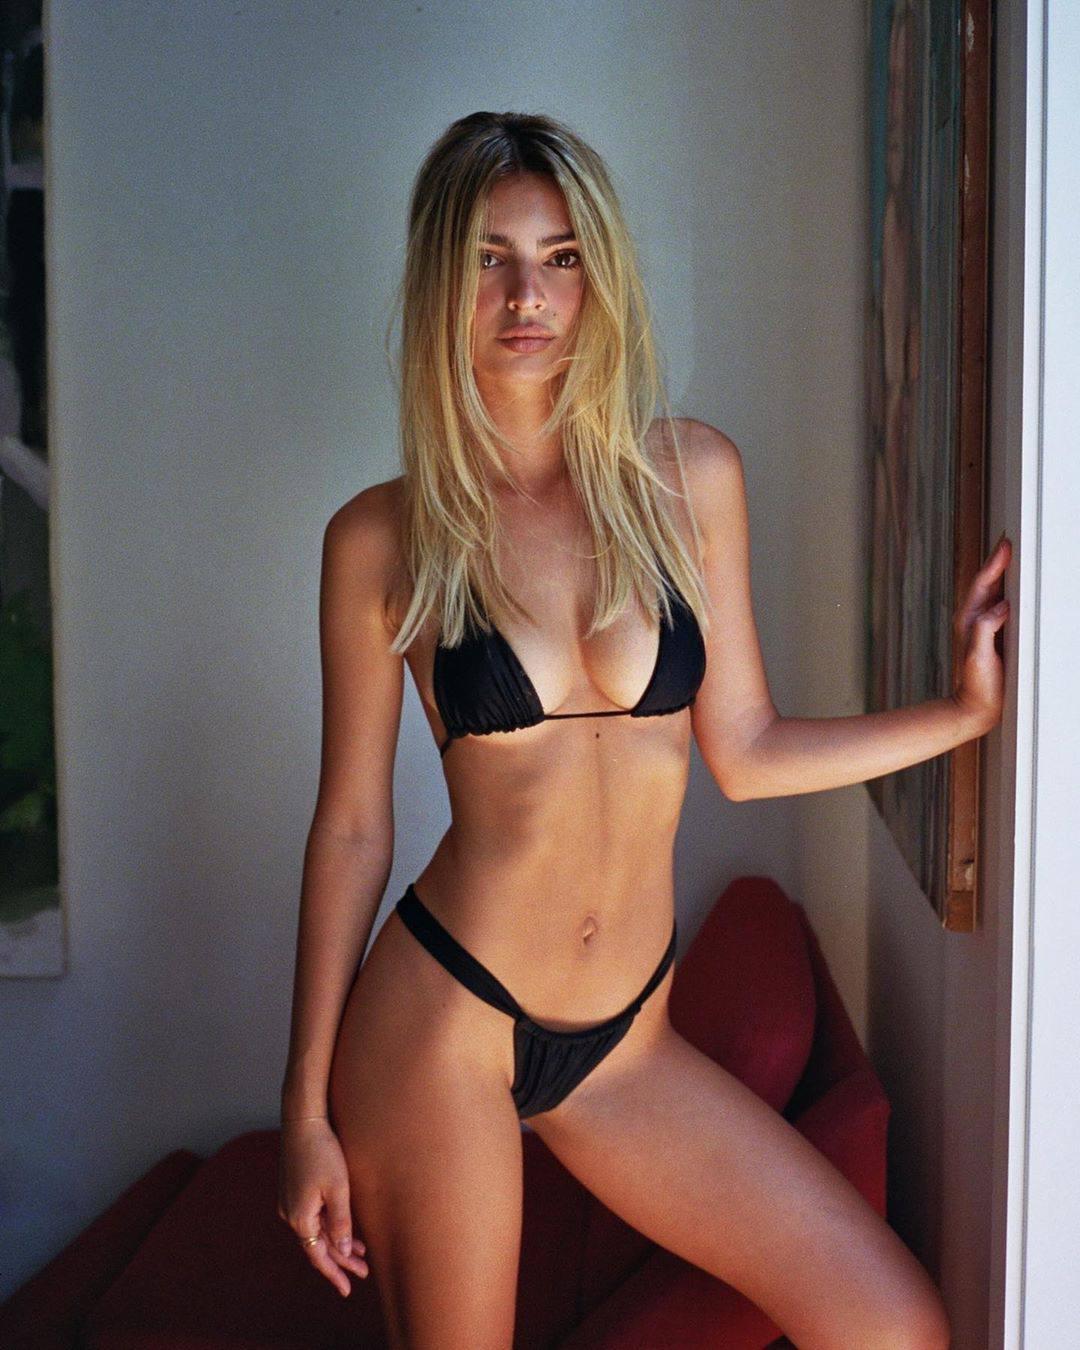 Emily Ratajkowski – Sexy Boobs In Small Black Bikini 0003